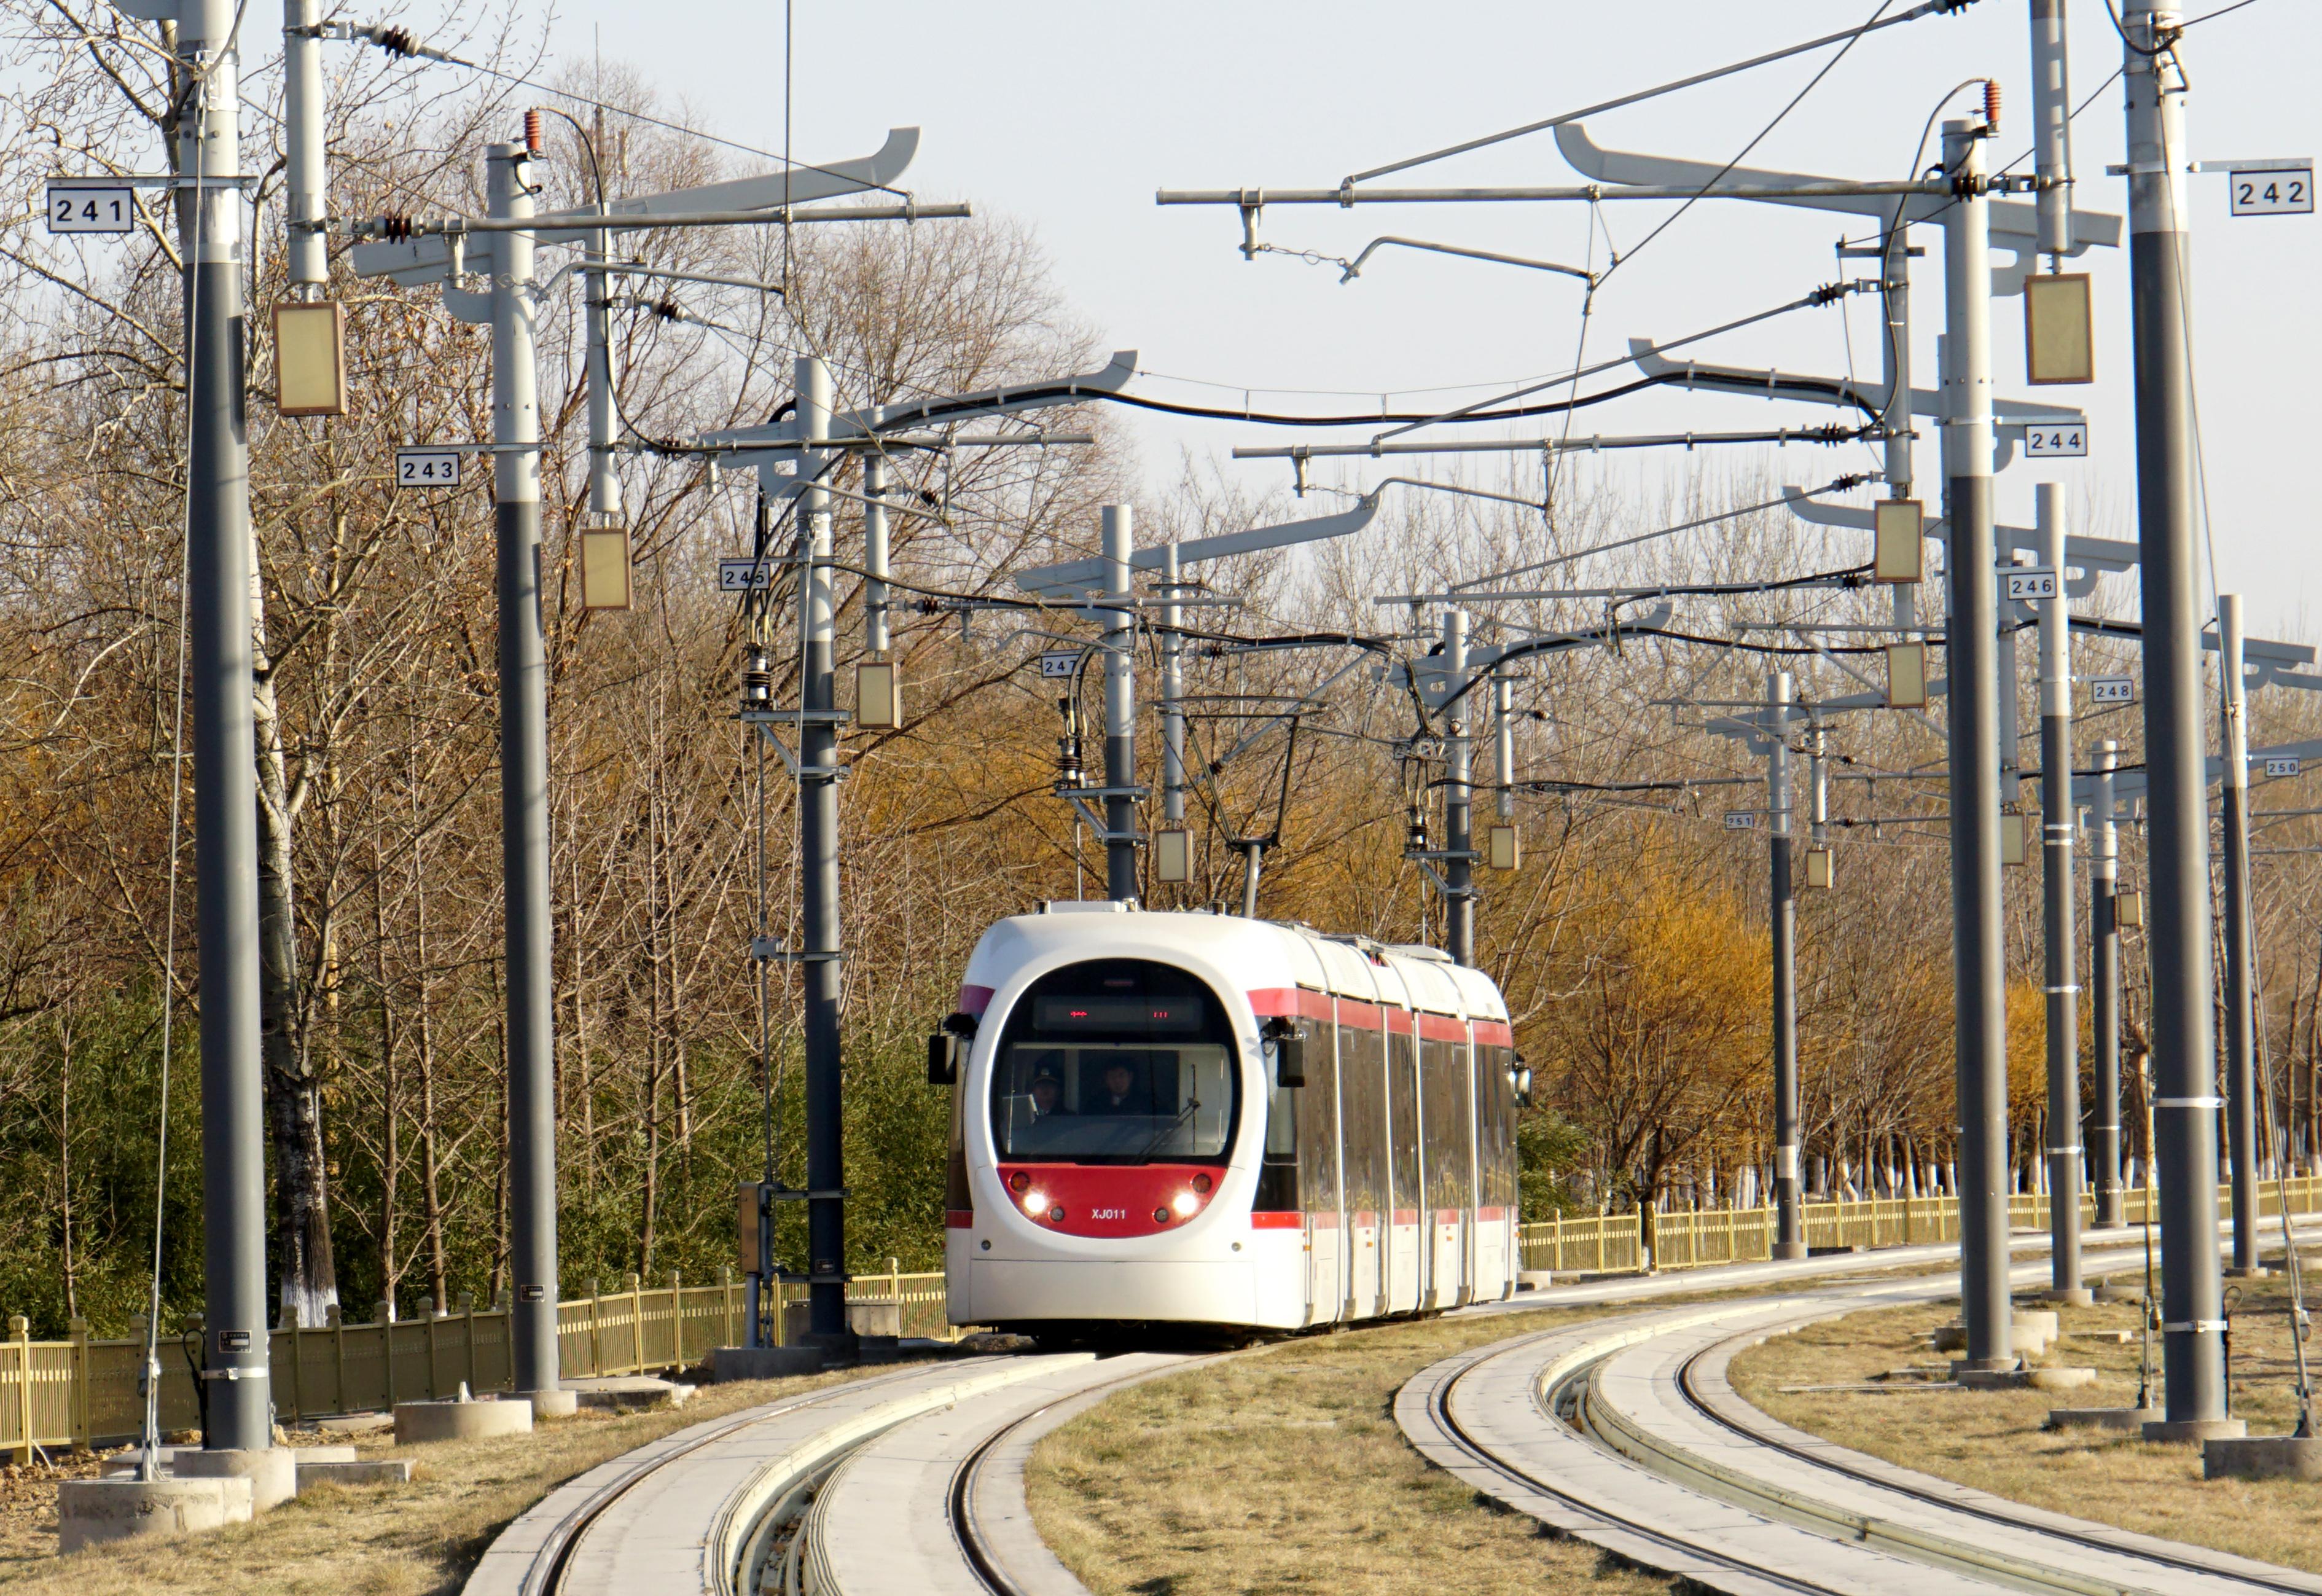 亦庄首条现代有轨电车线年底通车,同时实现5G全域覆盖